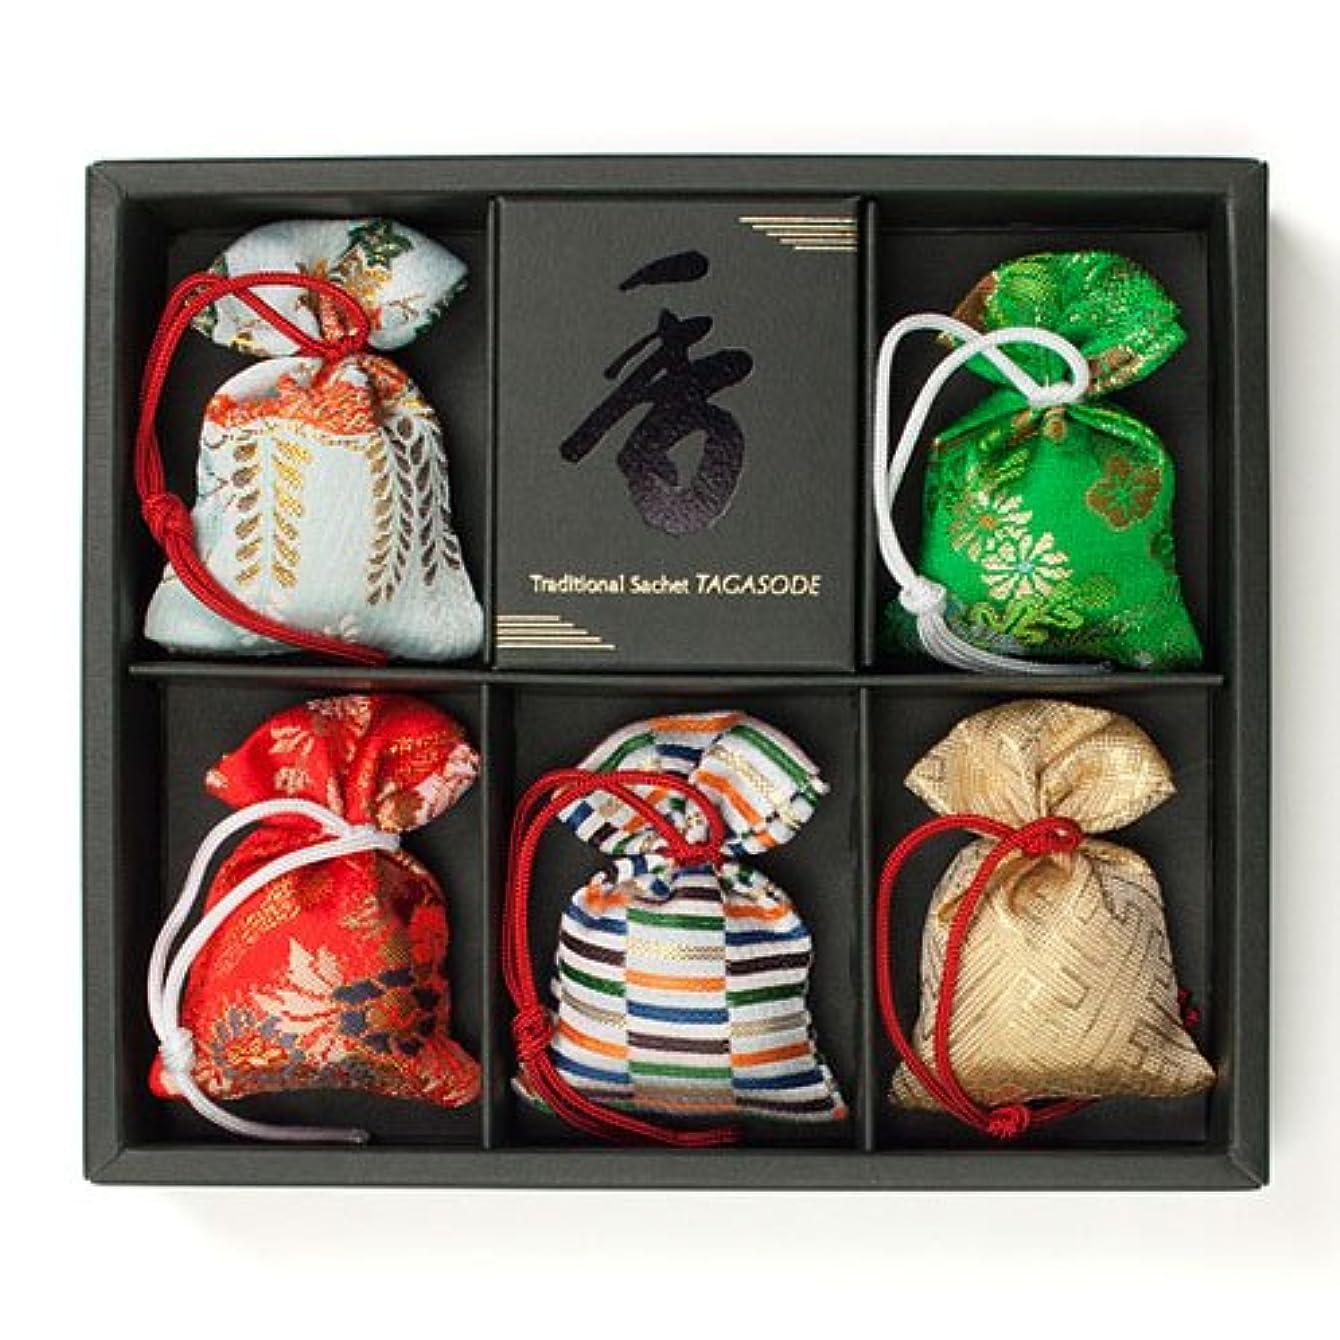 流落ち着く雪だるまを作る匂い袋 誰が袖 極品 5個入 松栄堂 Shoyeido 本体長さ60mm (色?柄は選べません)